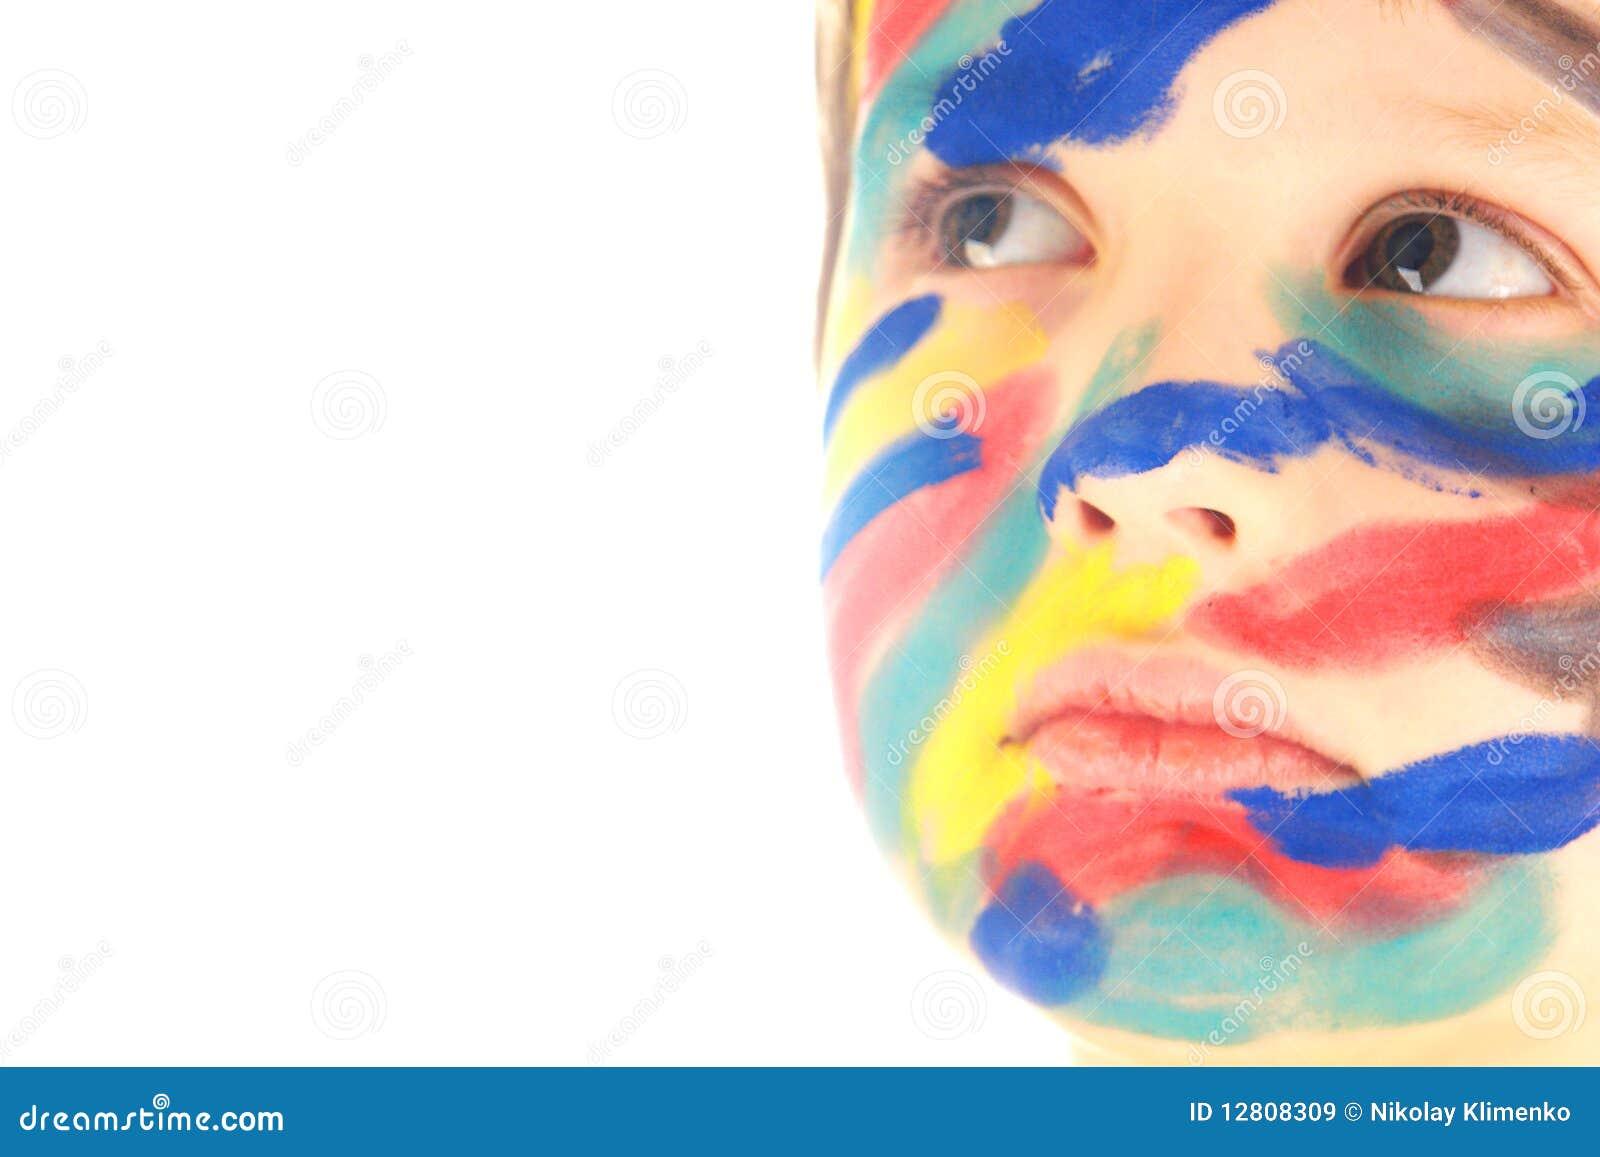 Pinte o retrato da face